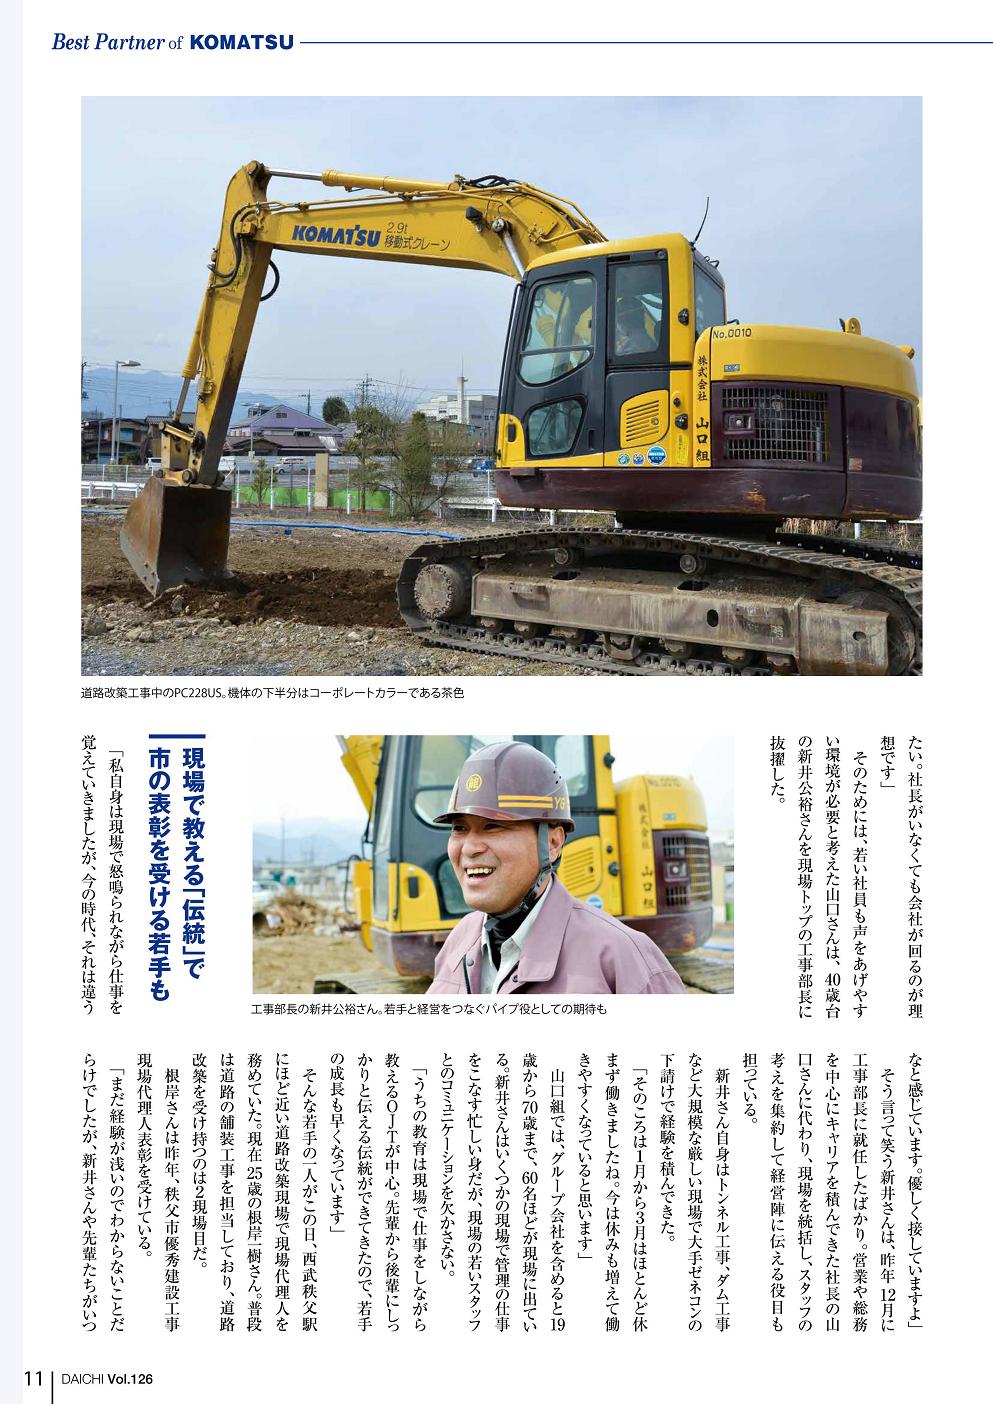 コマツ季刊誌「大地」126号